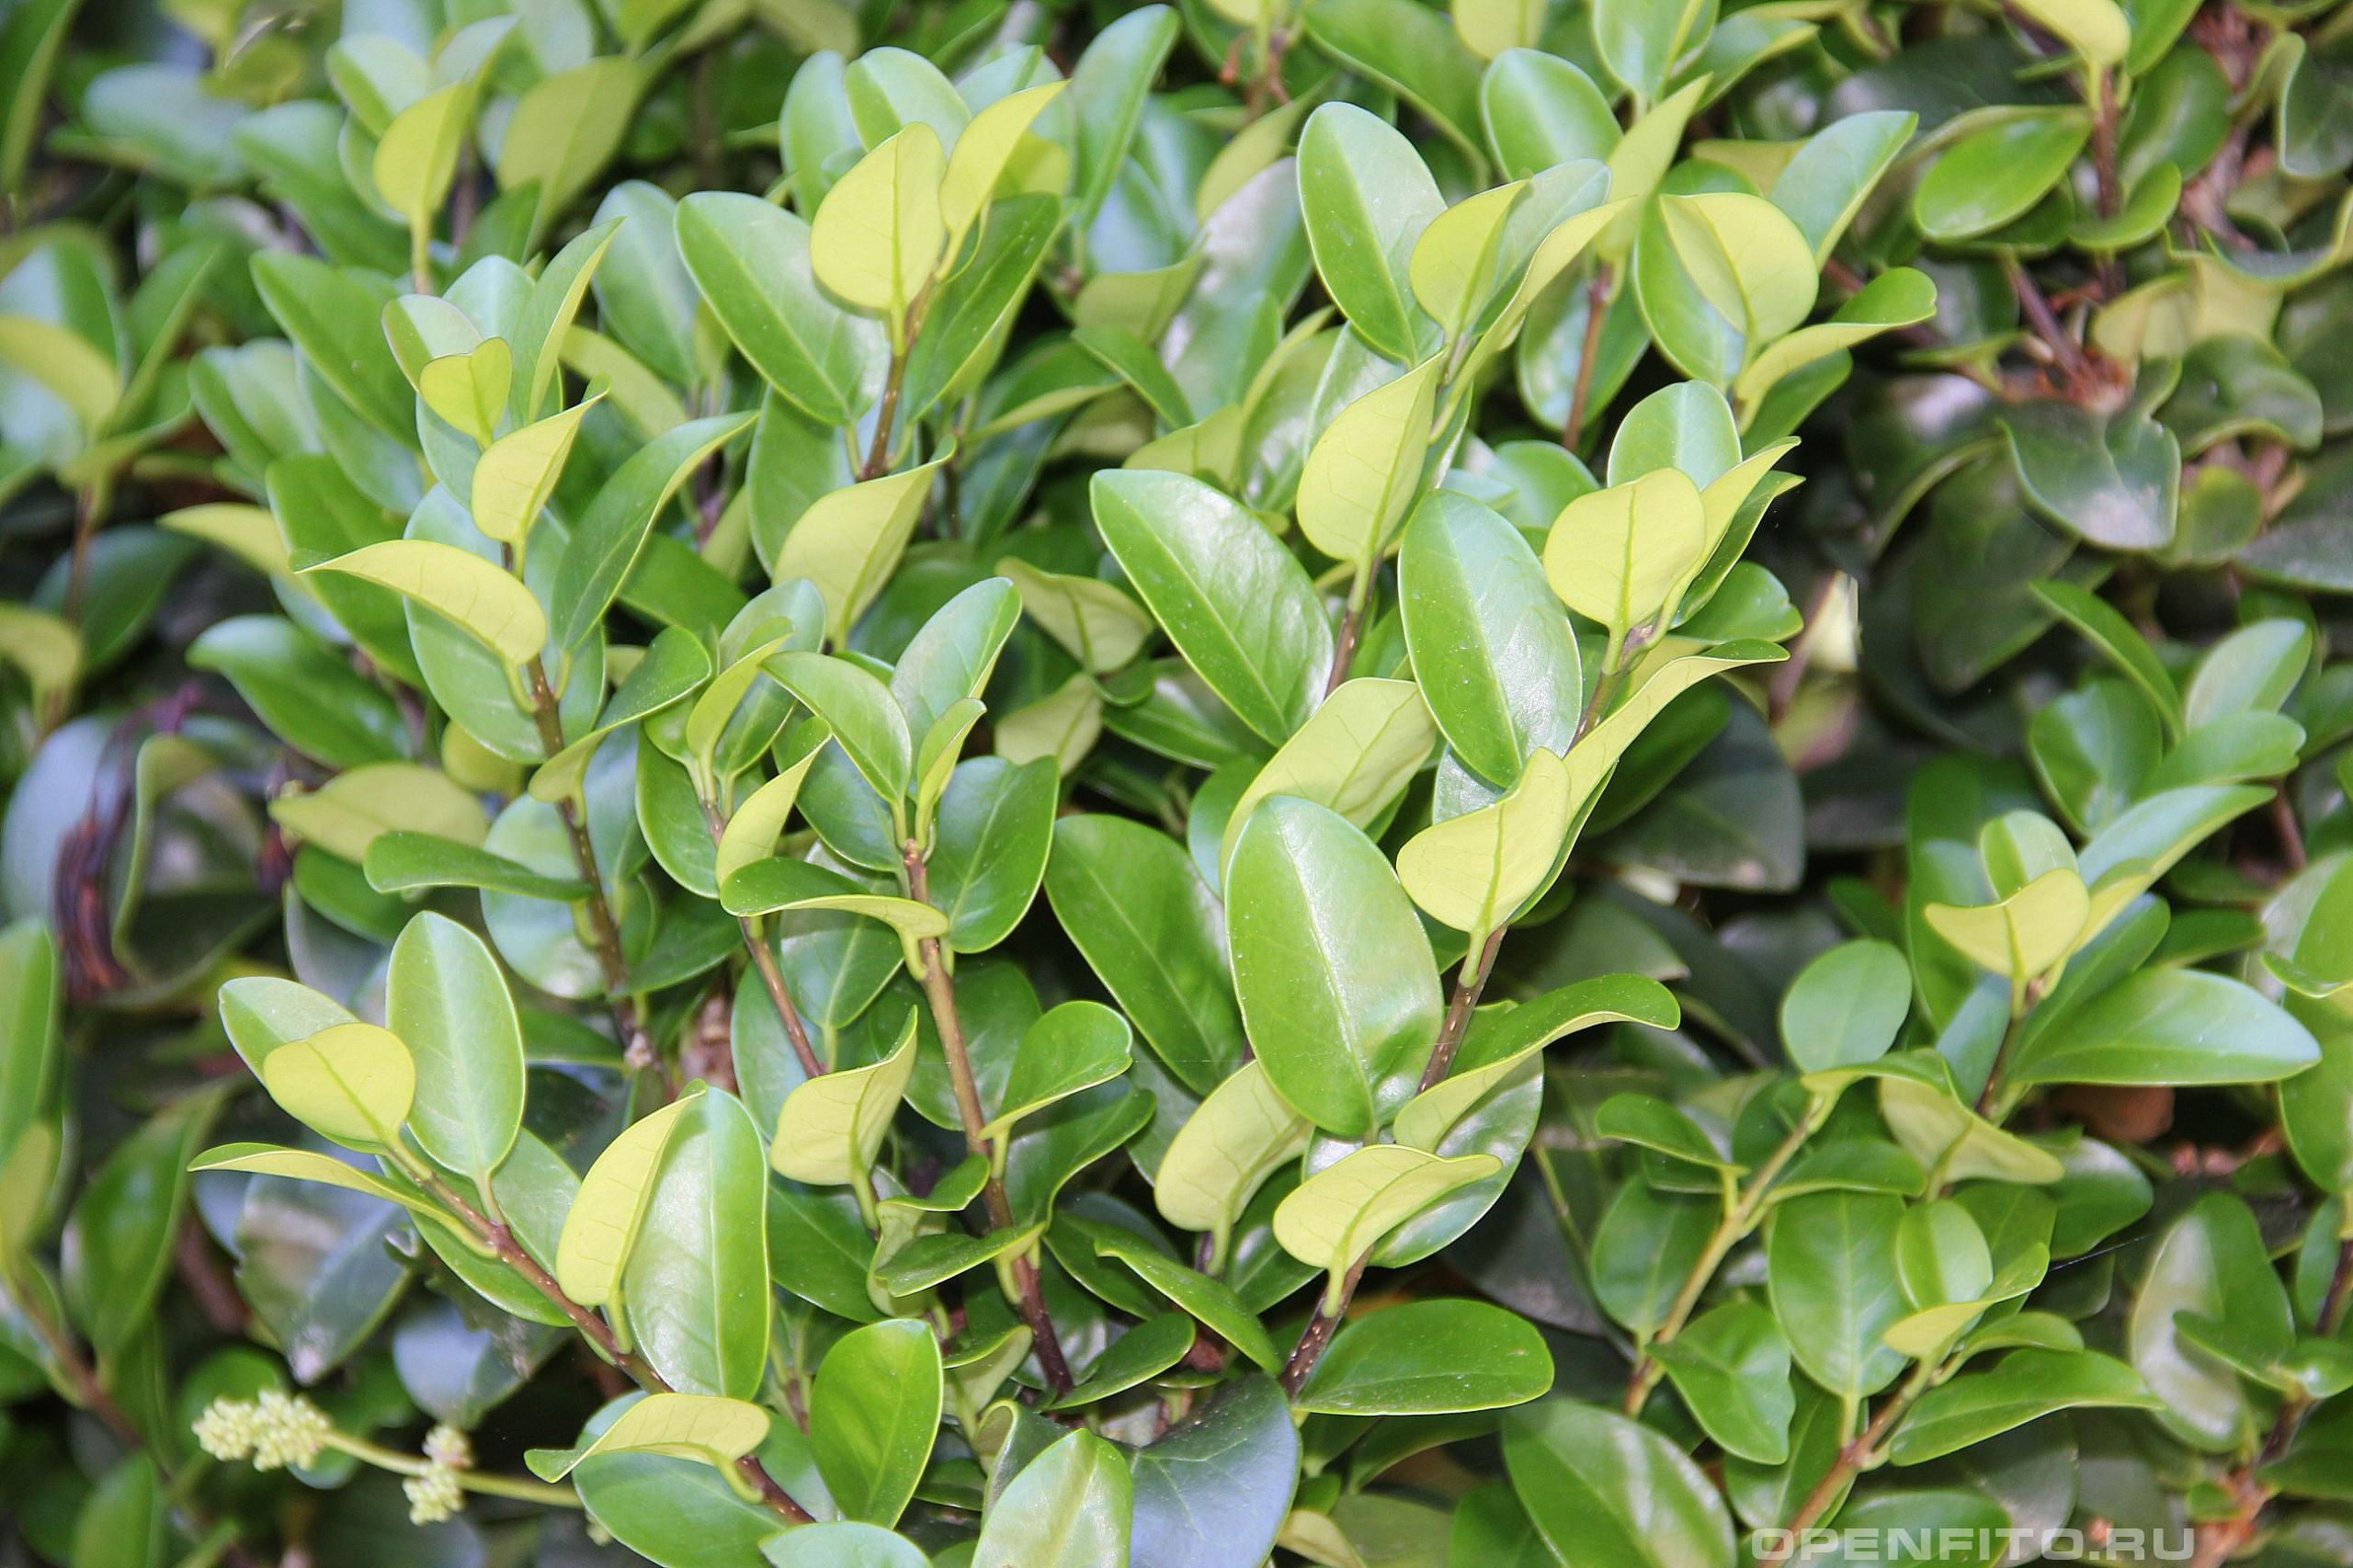 Бирючина японская листья